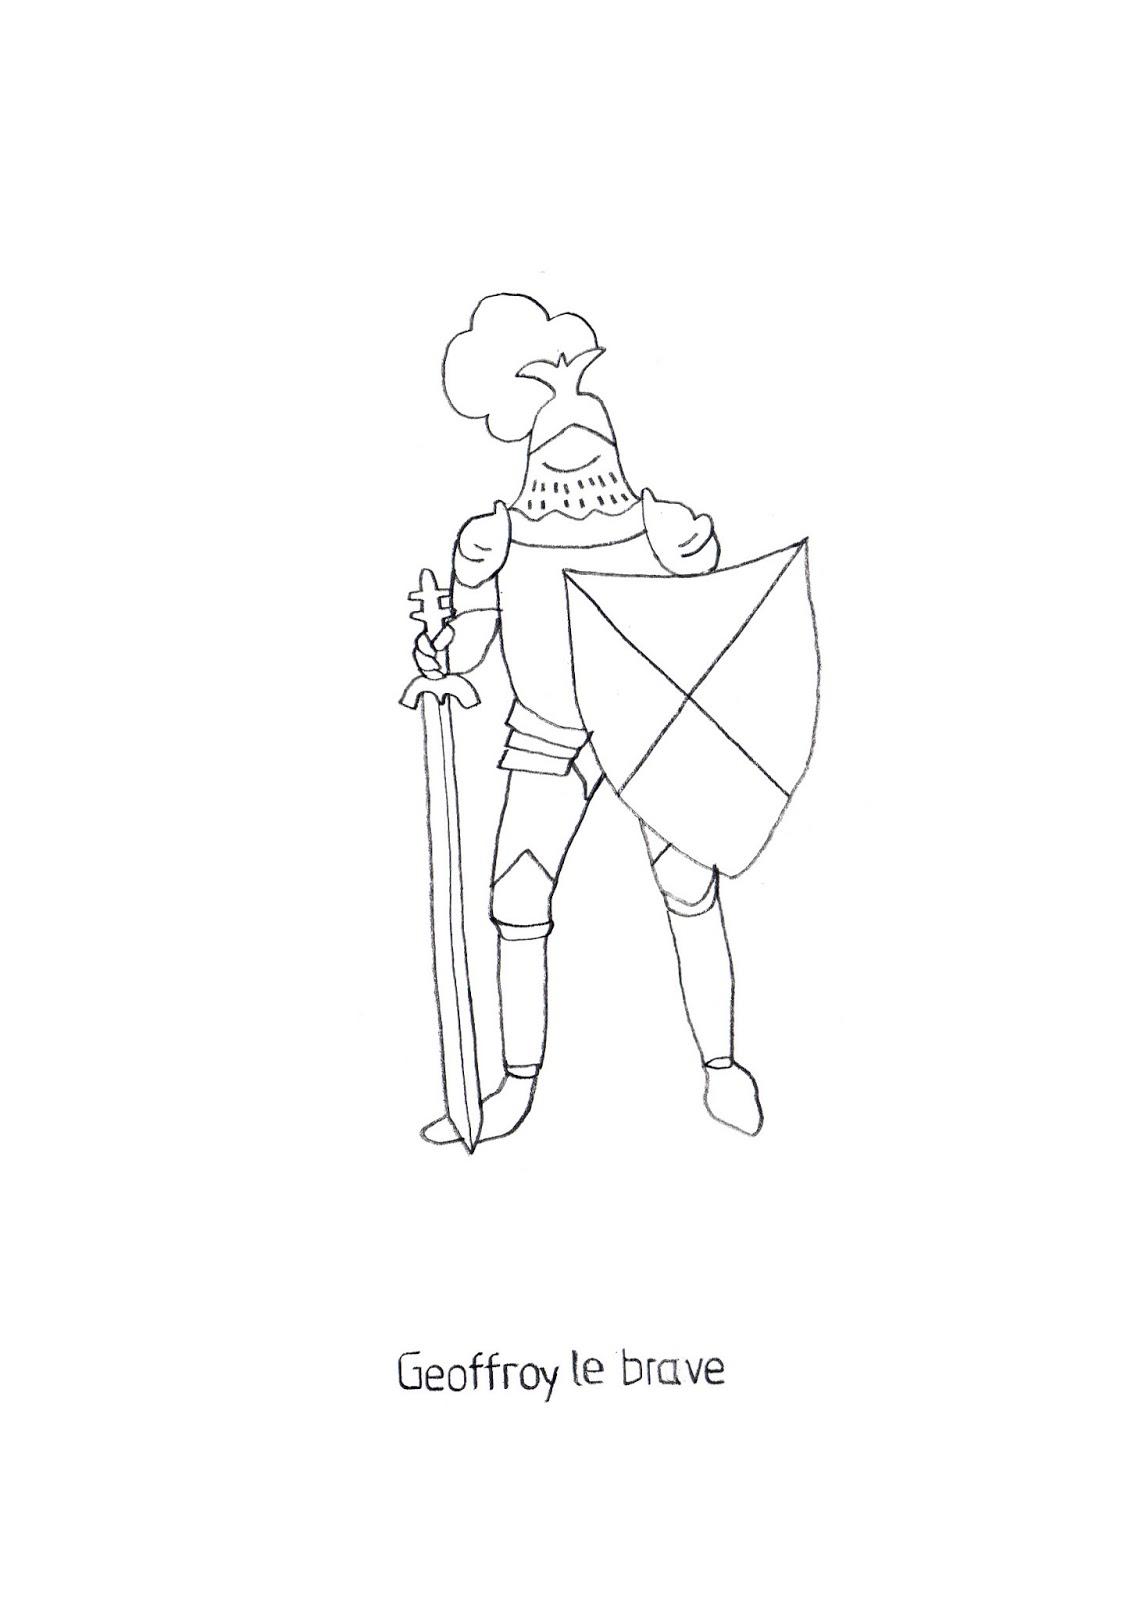 Coloriage: Chevalier à cheval Jeux gratuits en ligne - Coloriage En Ligne Chevalier